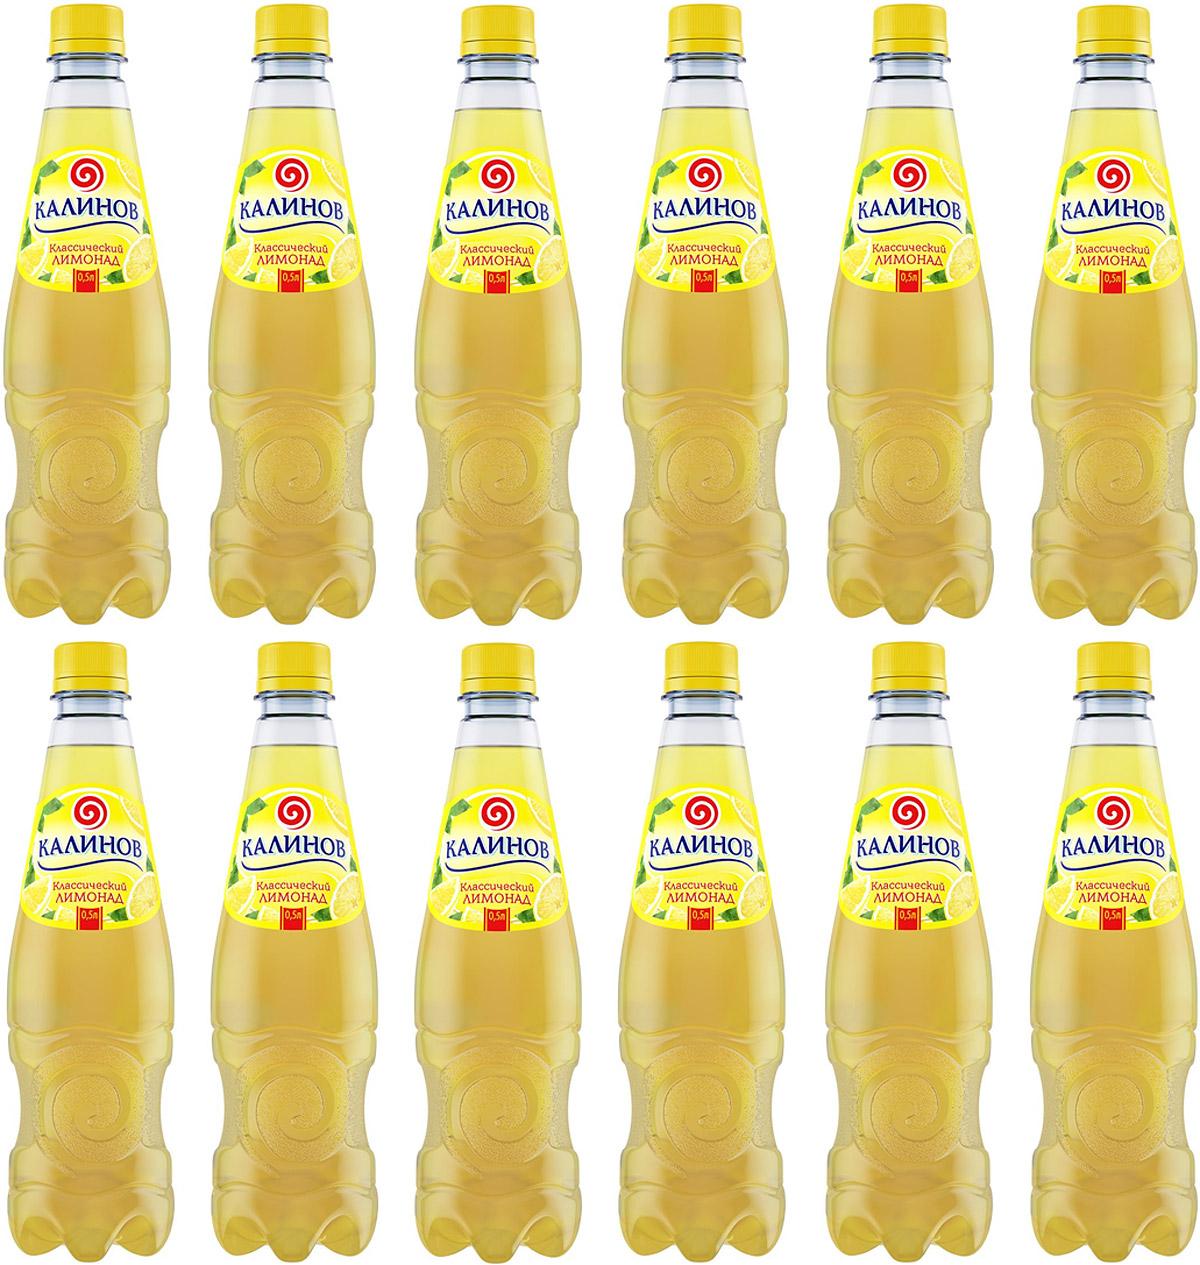 Калинов Лимонад Лимонад классический, 12 штук по 0,5 л